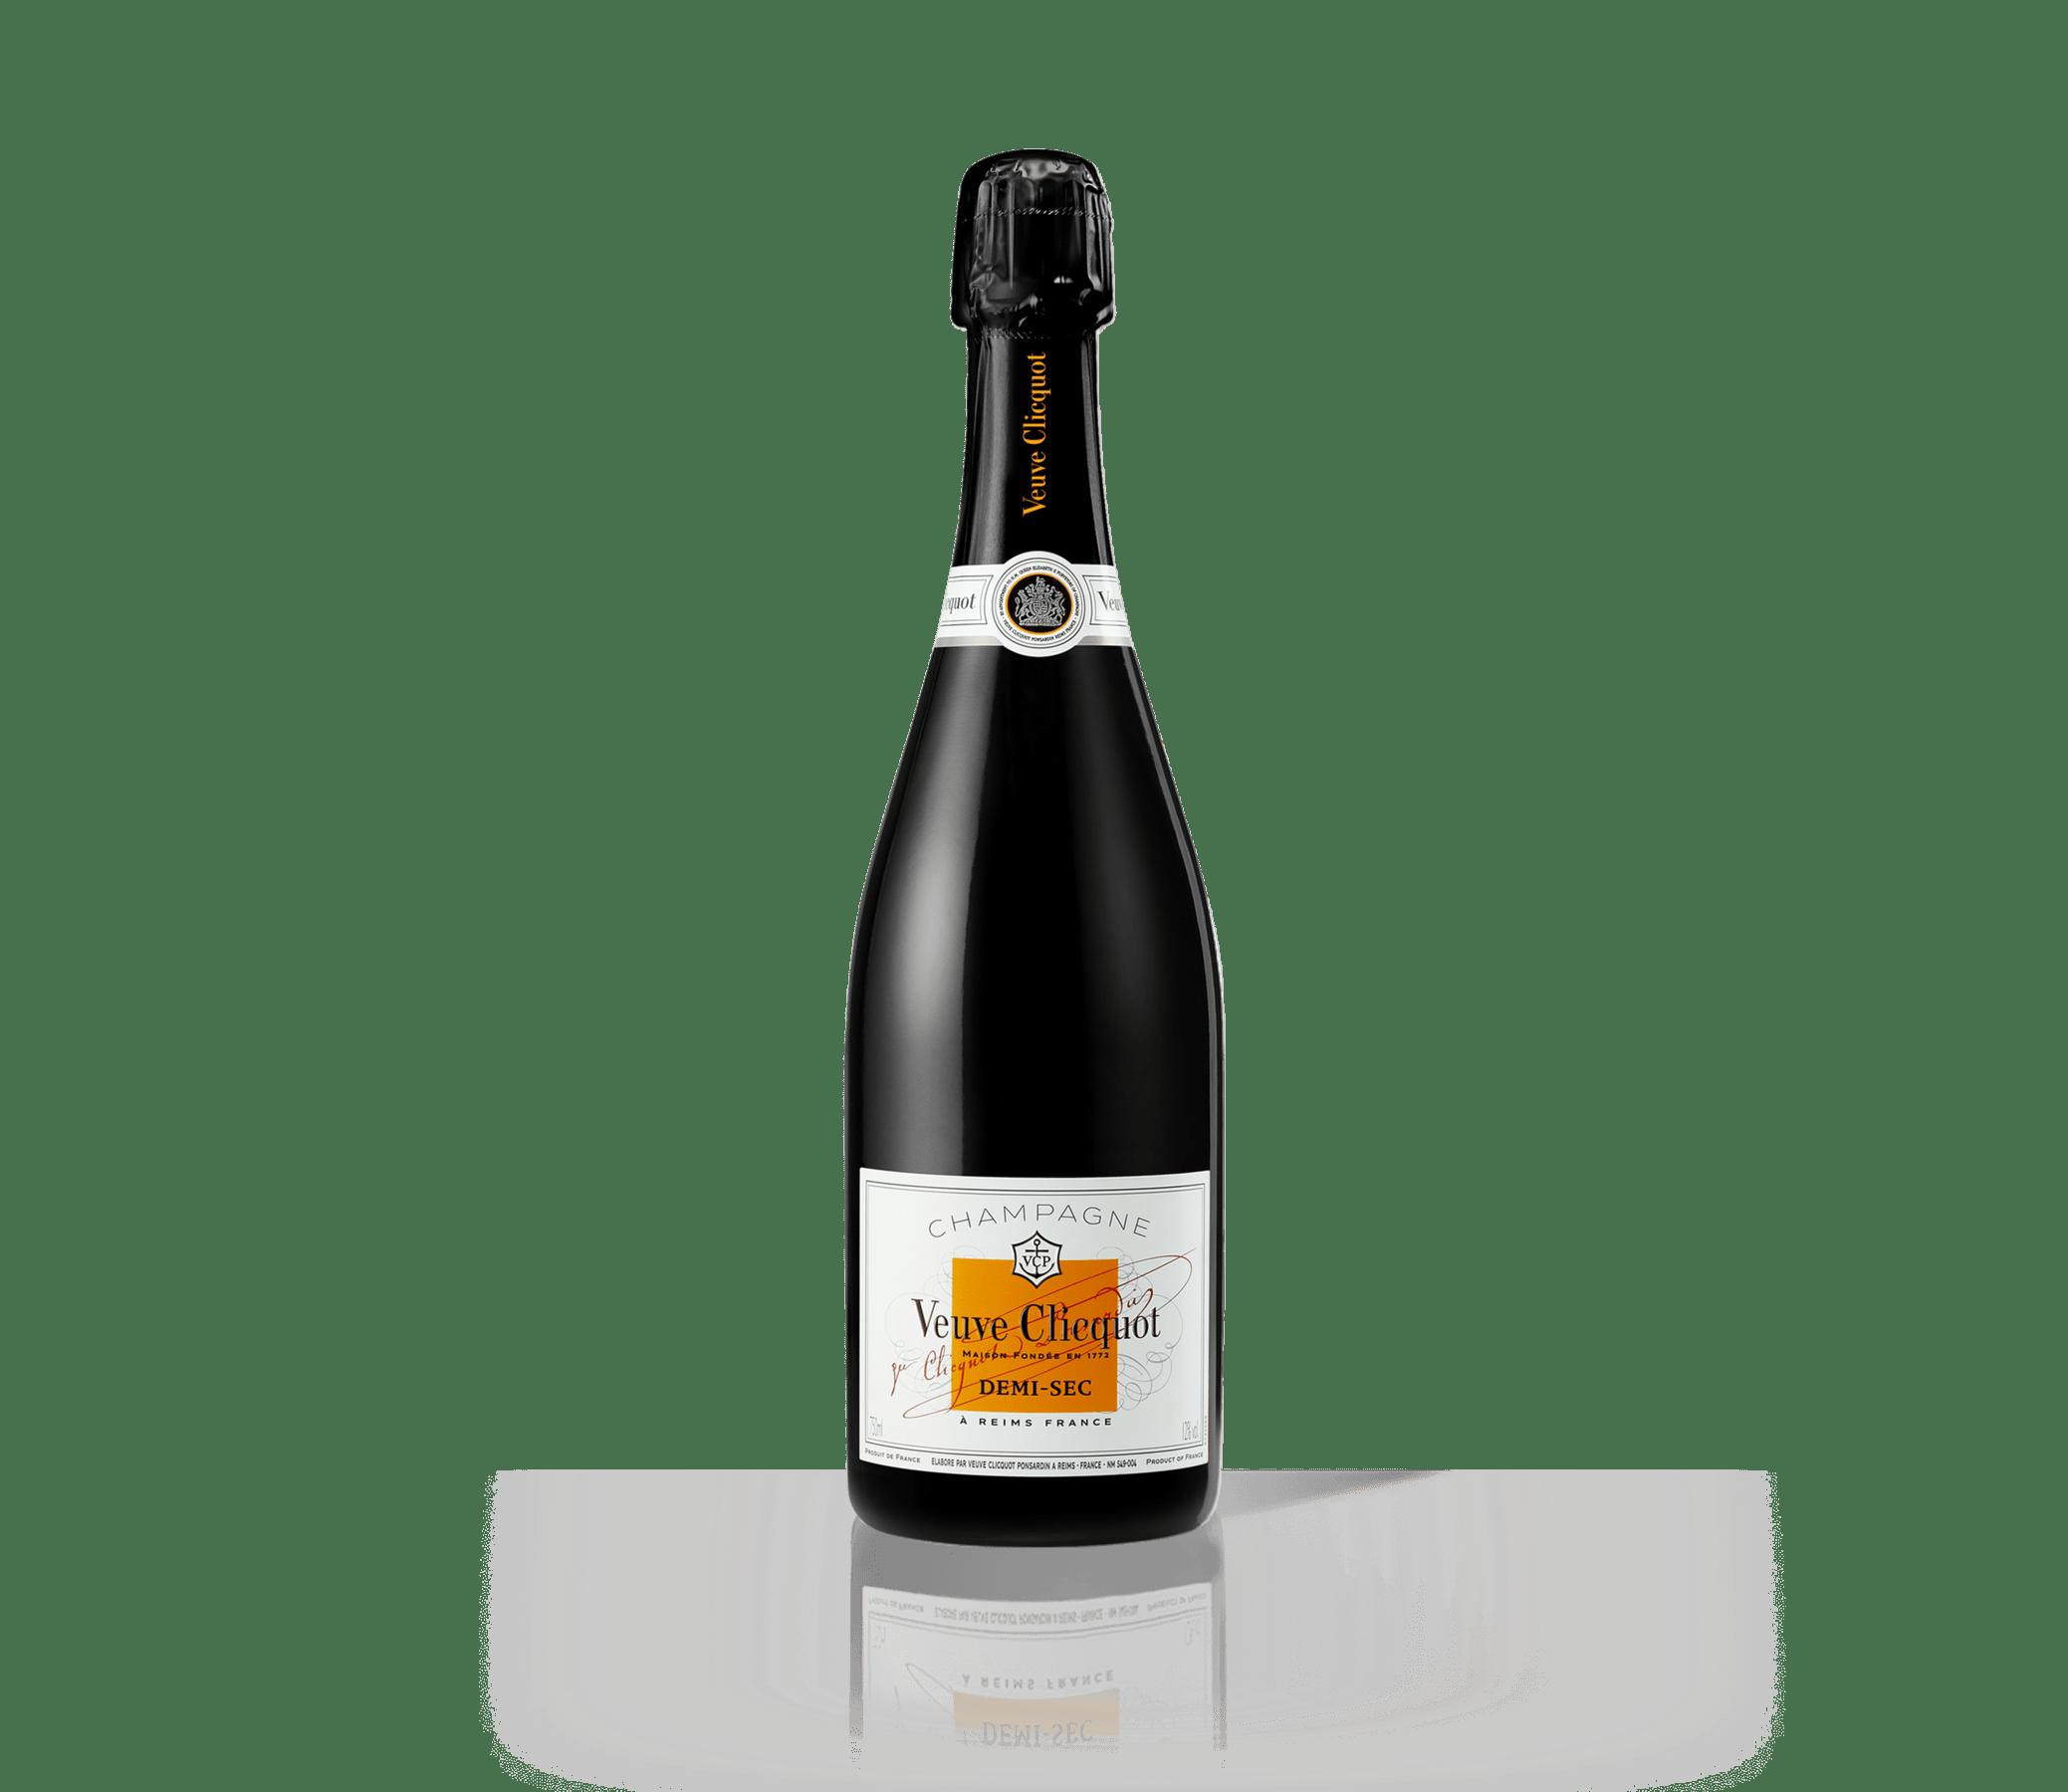 Bottle Veuve Clicquot Champagne Demi-Sec